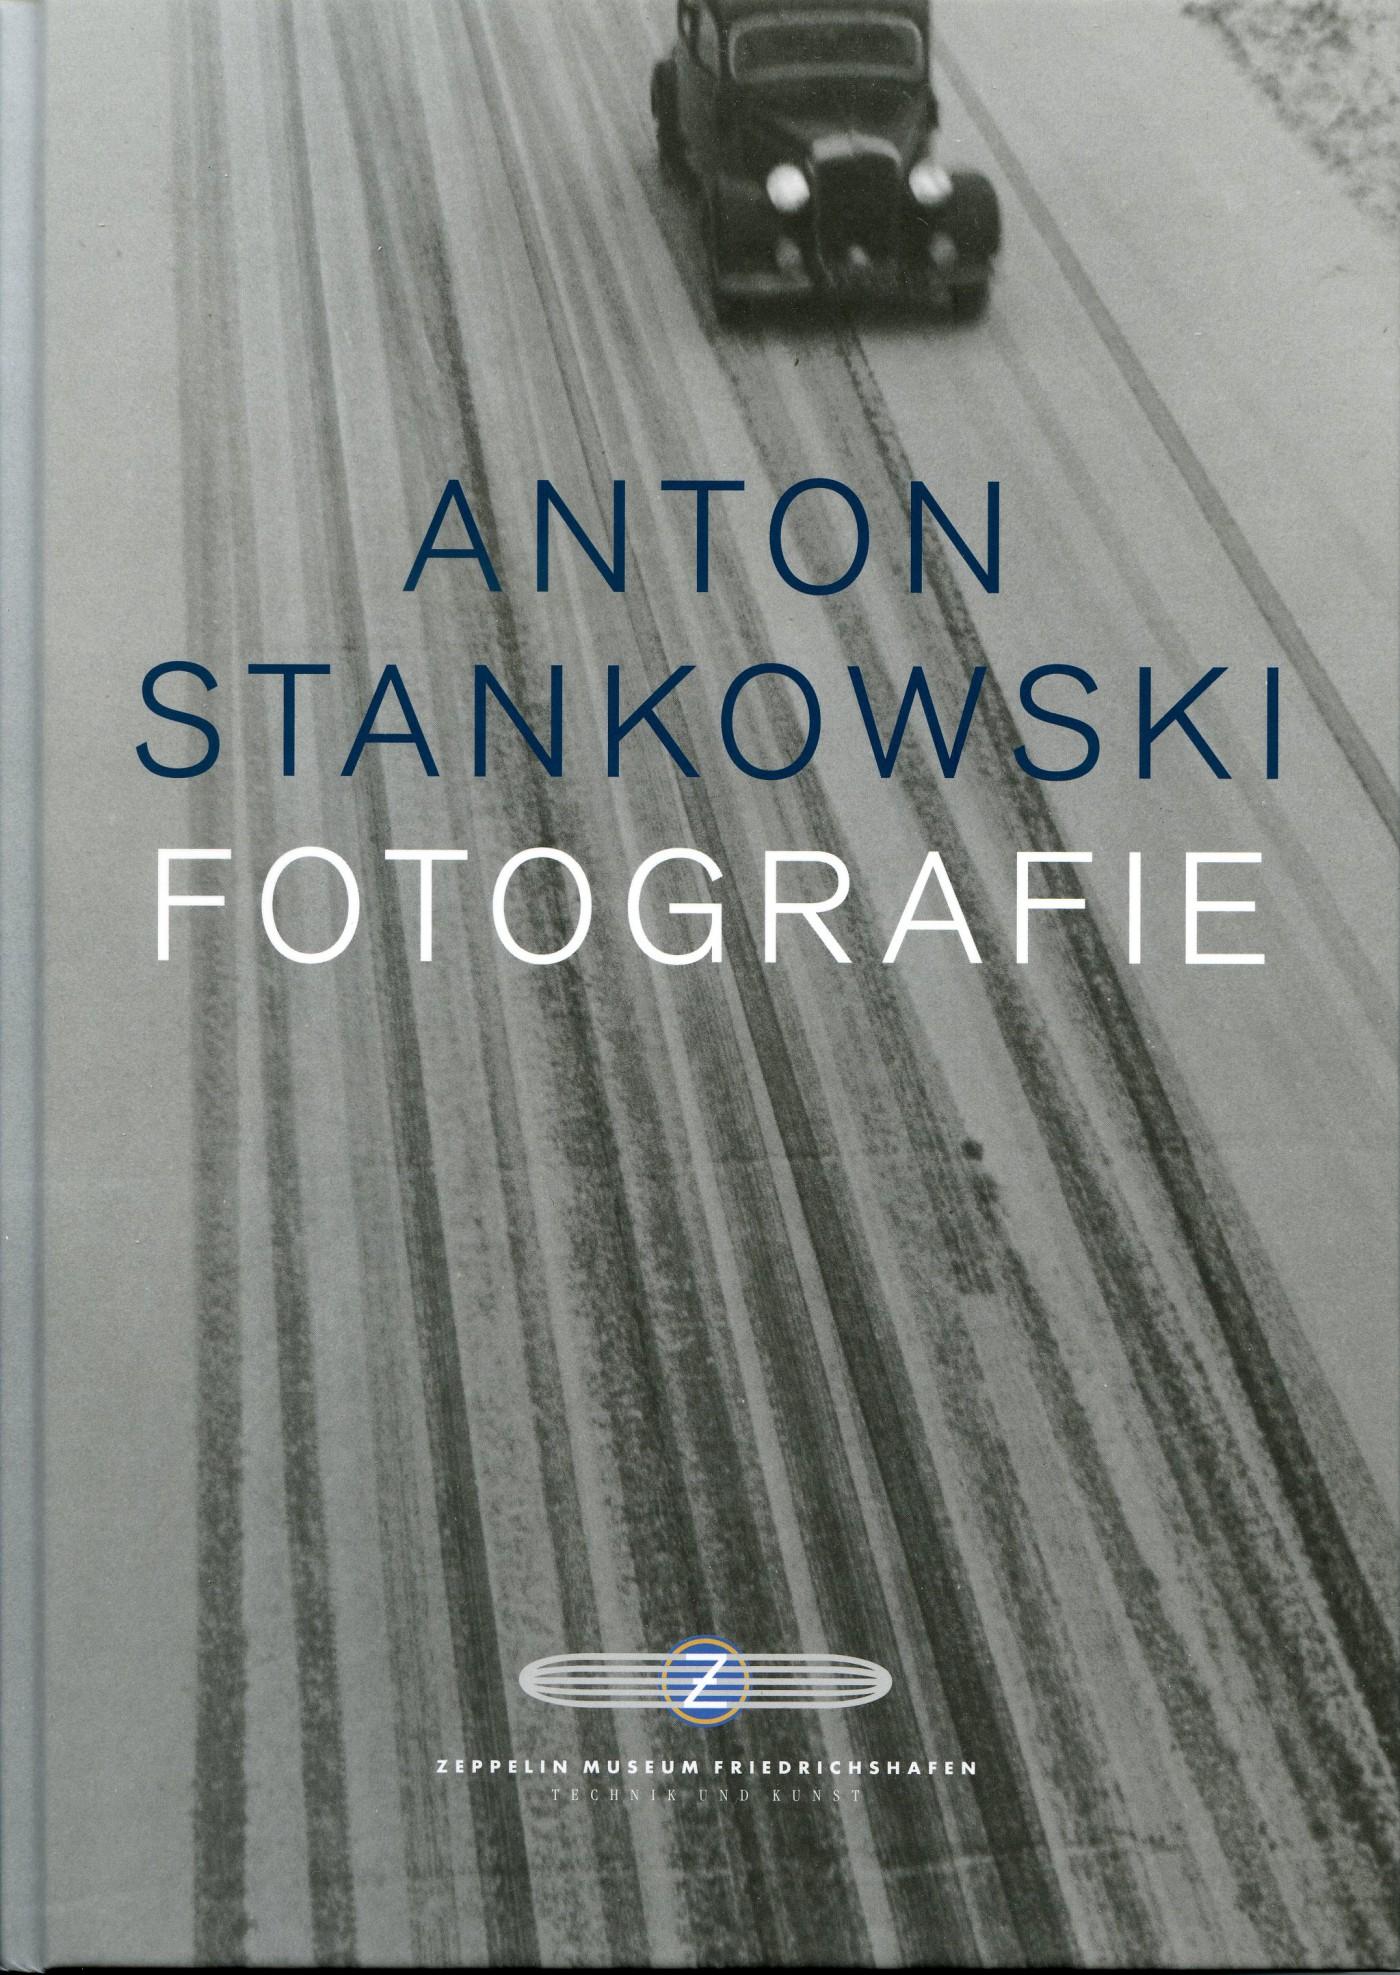 Anton Stankowski - Fotografie